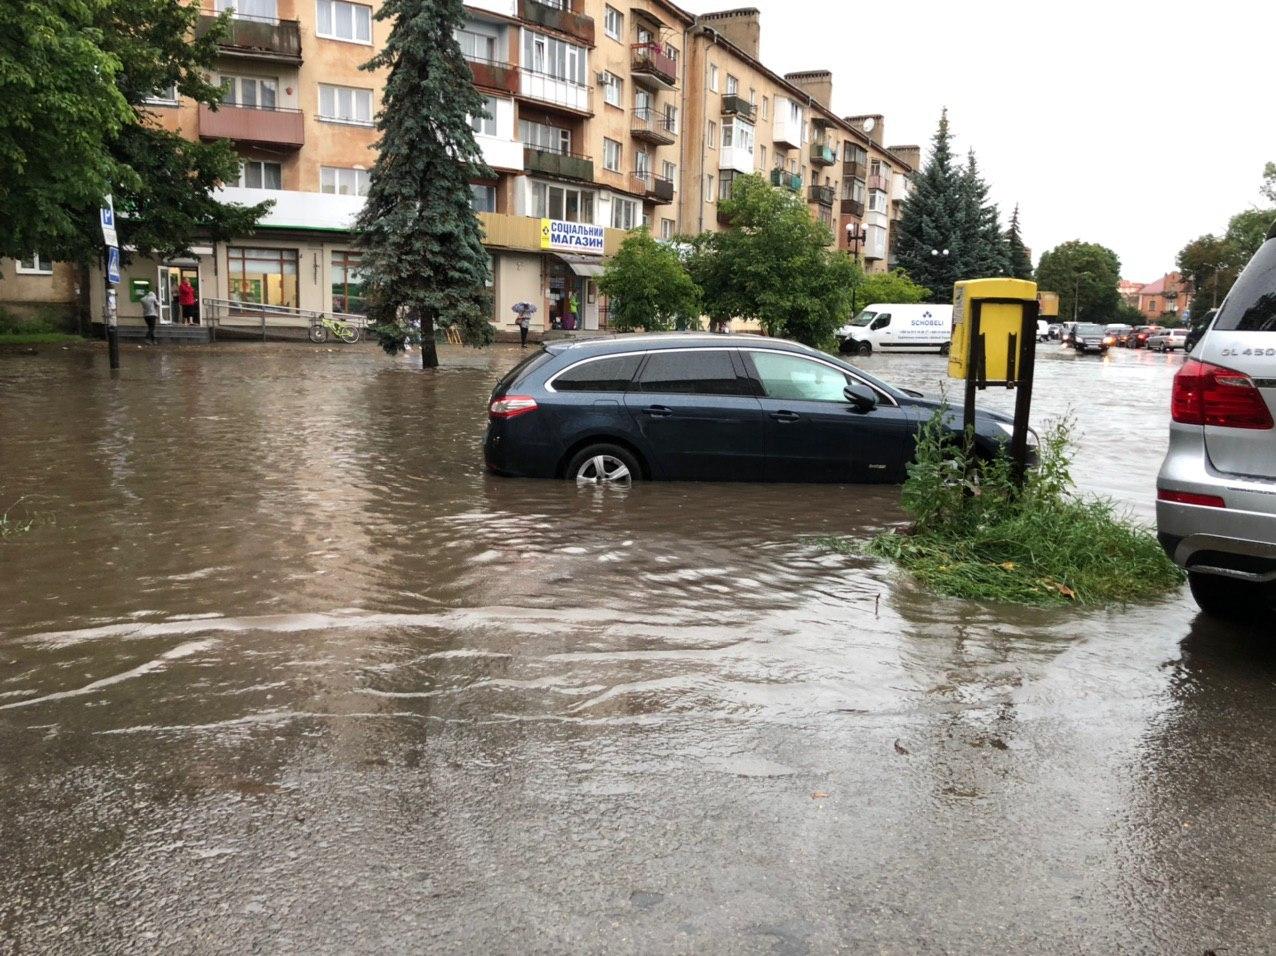 Рясний дощ підтопив будівлі в місті і традиційно заблокував проїзд під мостом на Пасічну (ФОТО)